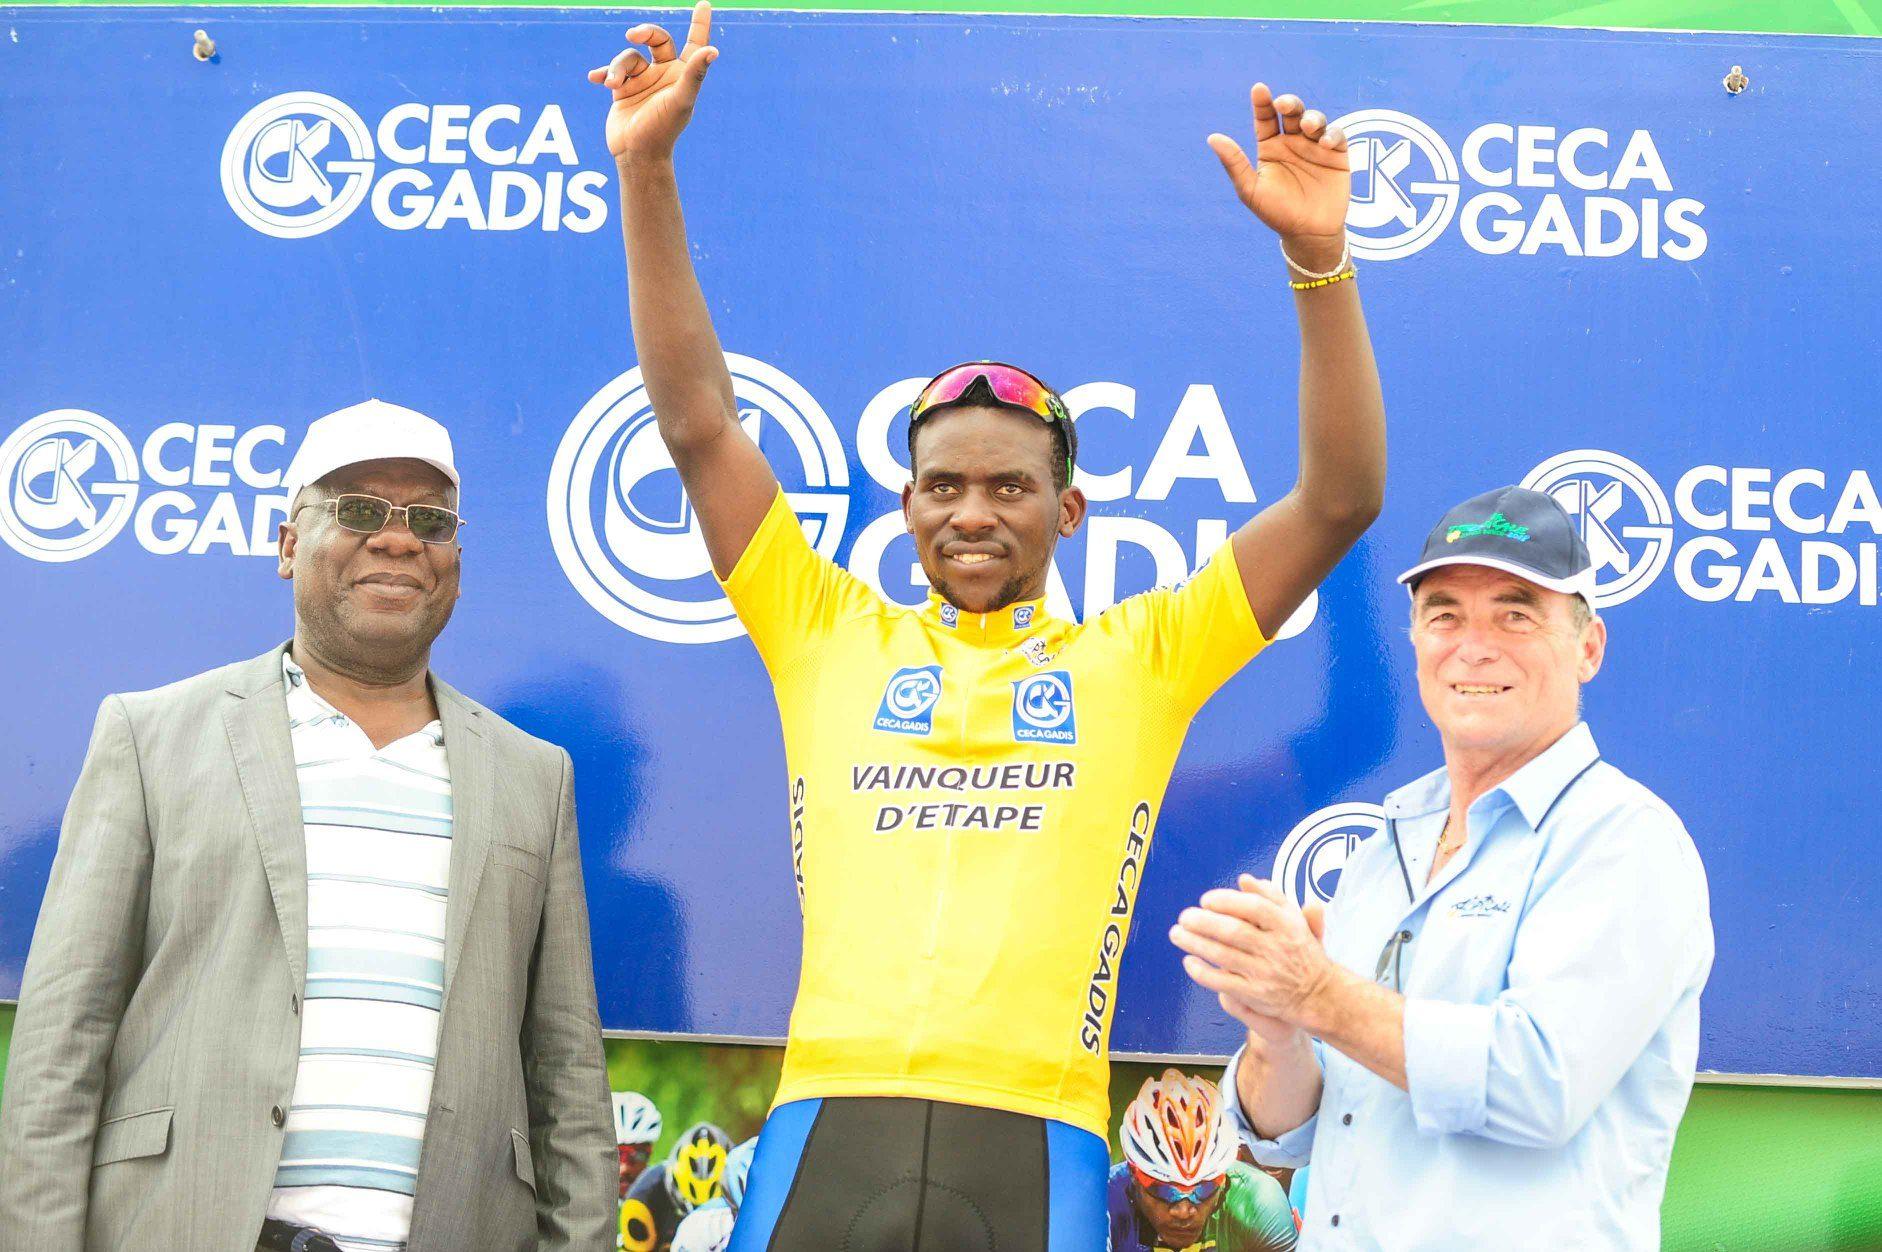 Джозеф Ареруя выиграл четвёртый этап велогонки La Tropicale Amissa Bongo